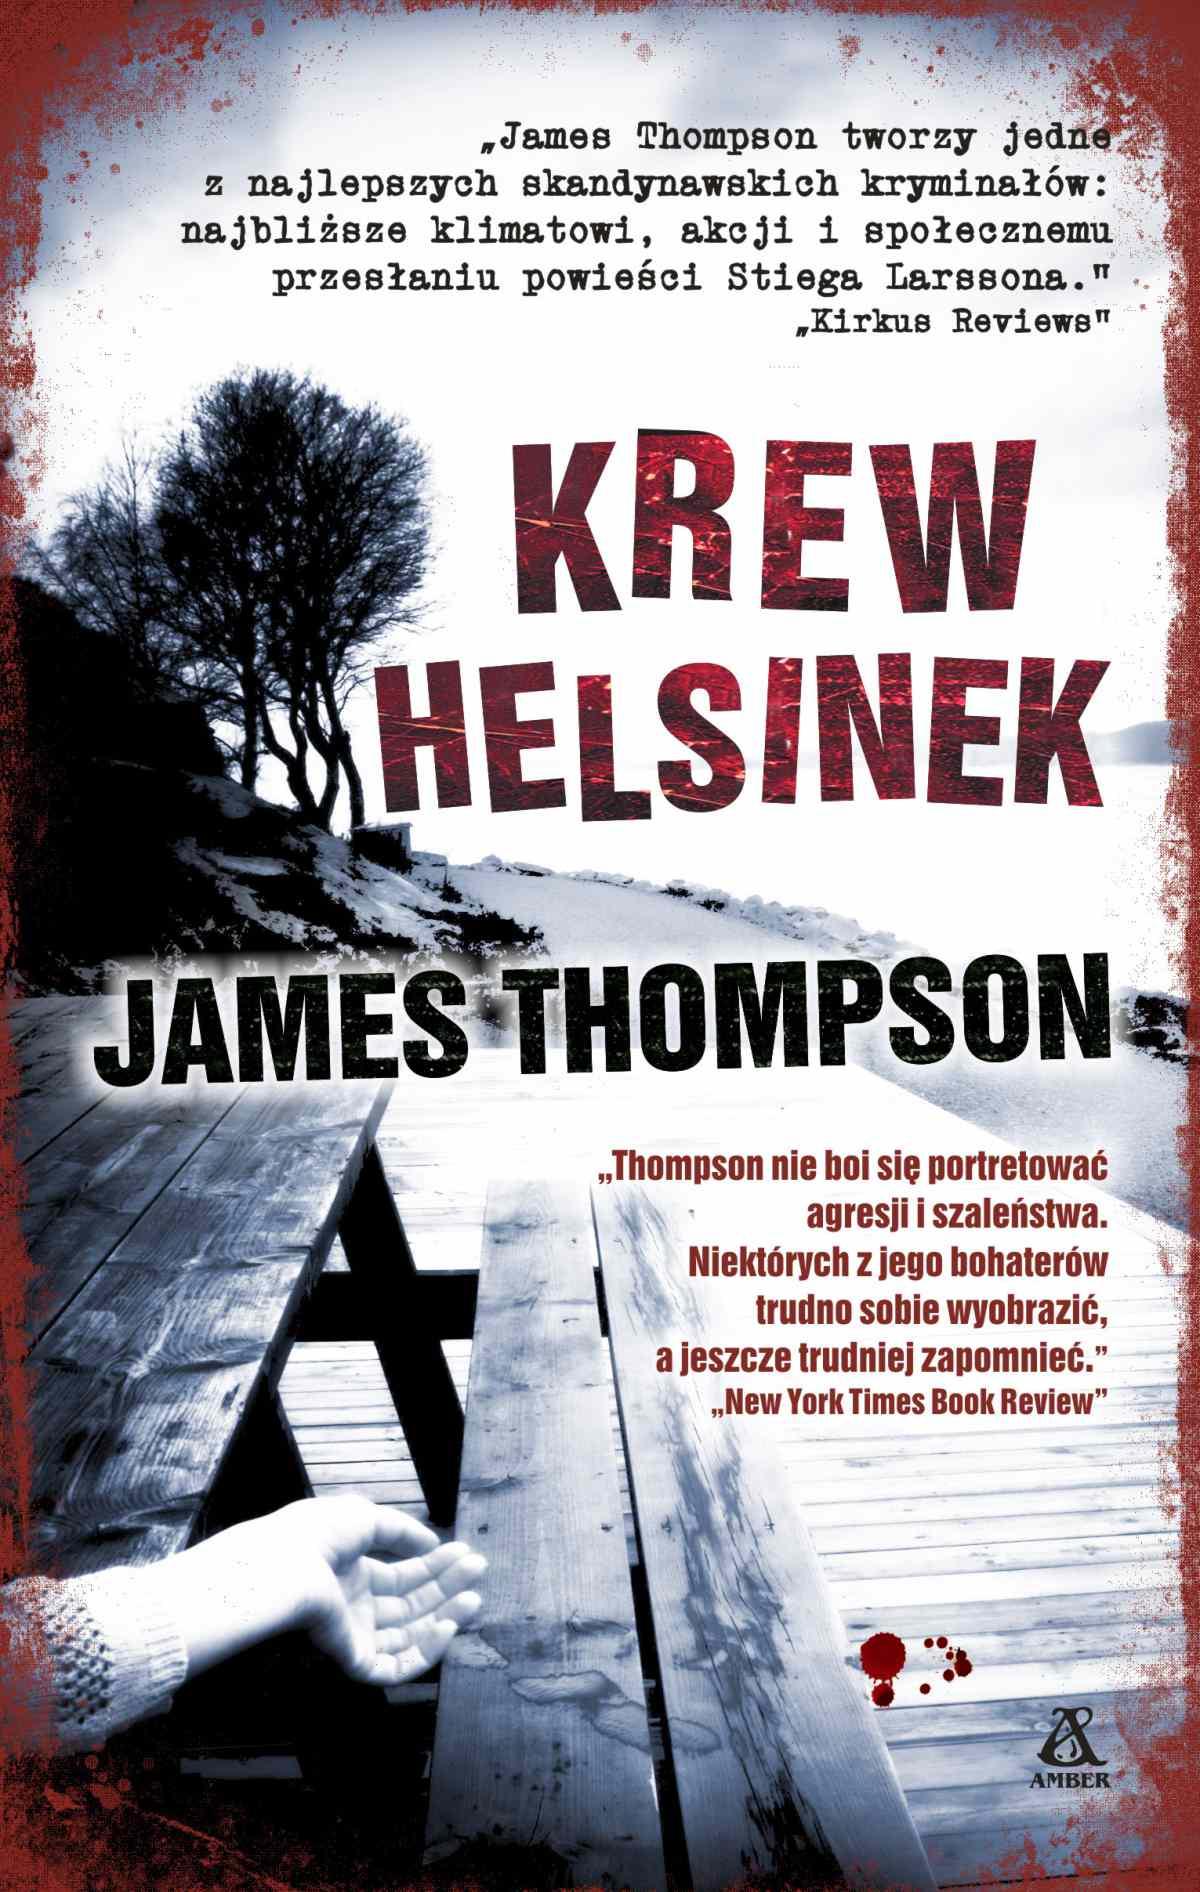 Krew Helsinek - Ebook (Książka EPUB) do pobrania w formacie EPUB